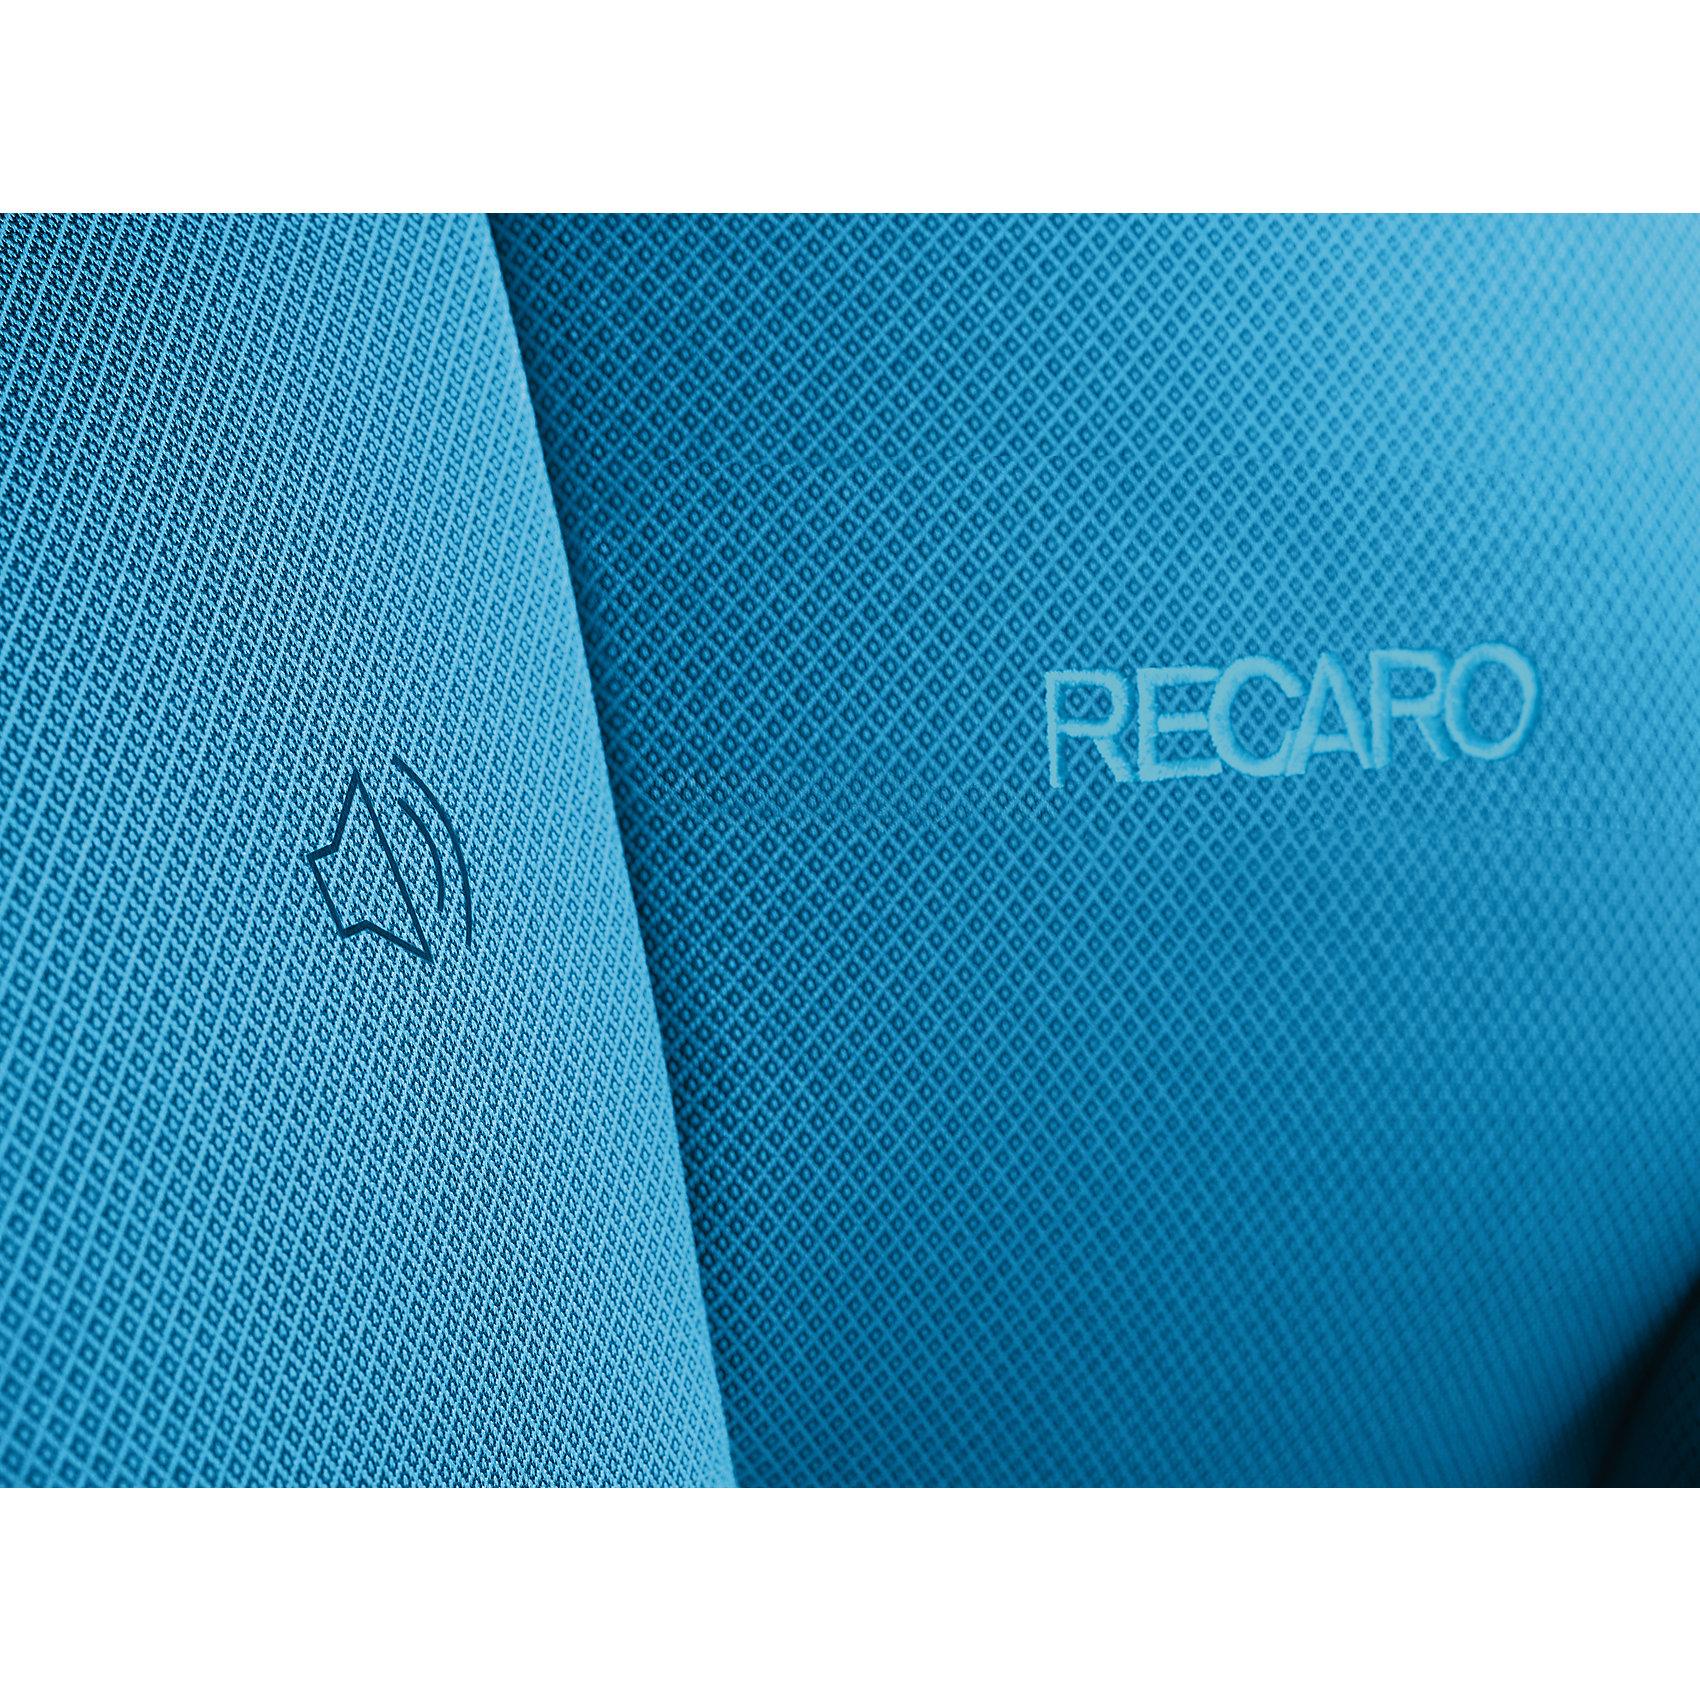 Автокресло RECARO Monza Nova 2 SF, 15-36 кг, xenon blue